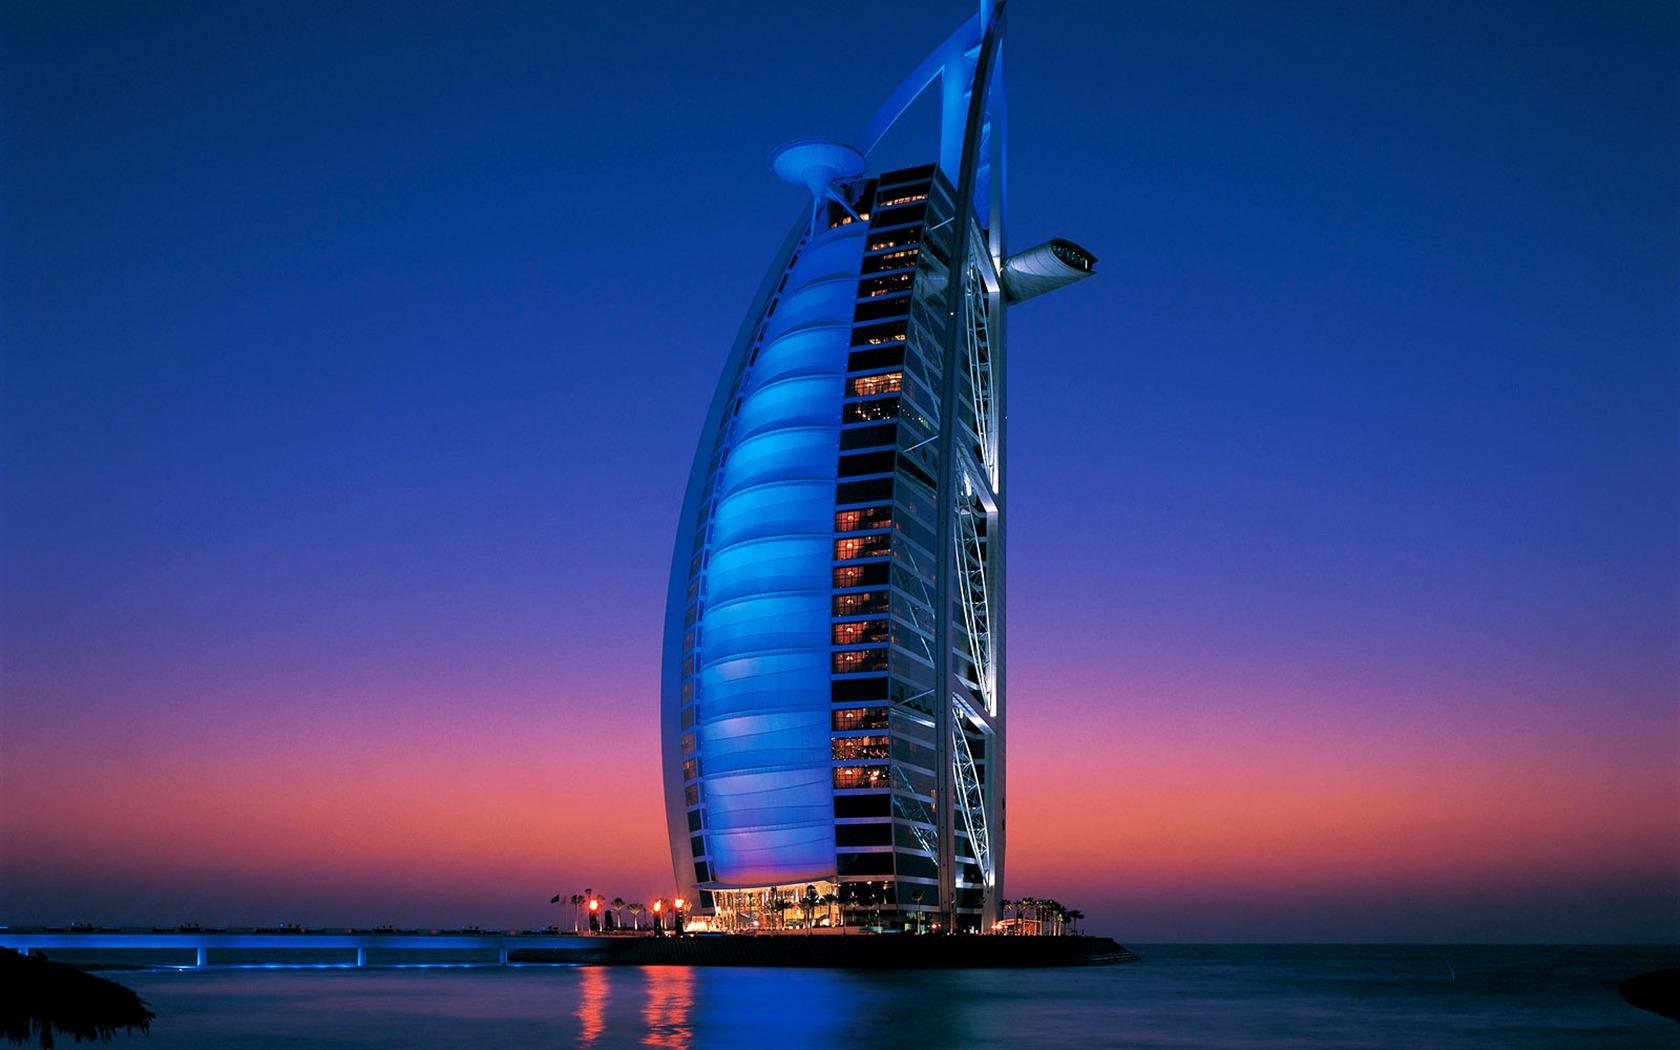 Sept étoiles hôtel Burj Dubai fonds d'écran #5 - 1680x1050 ...